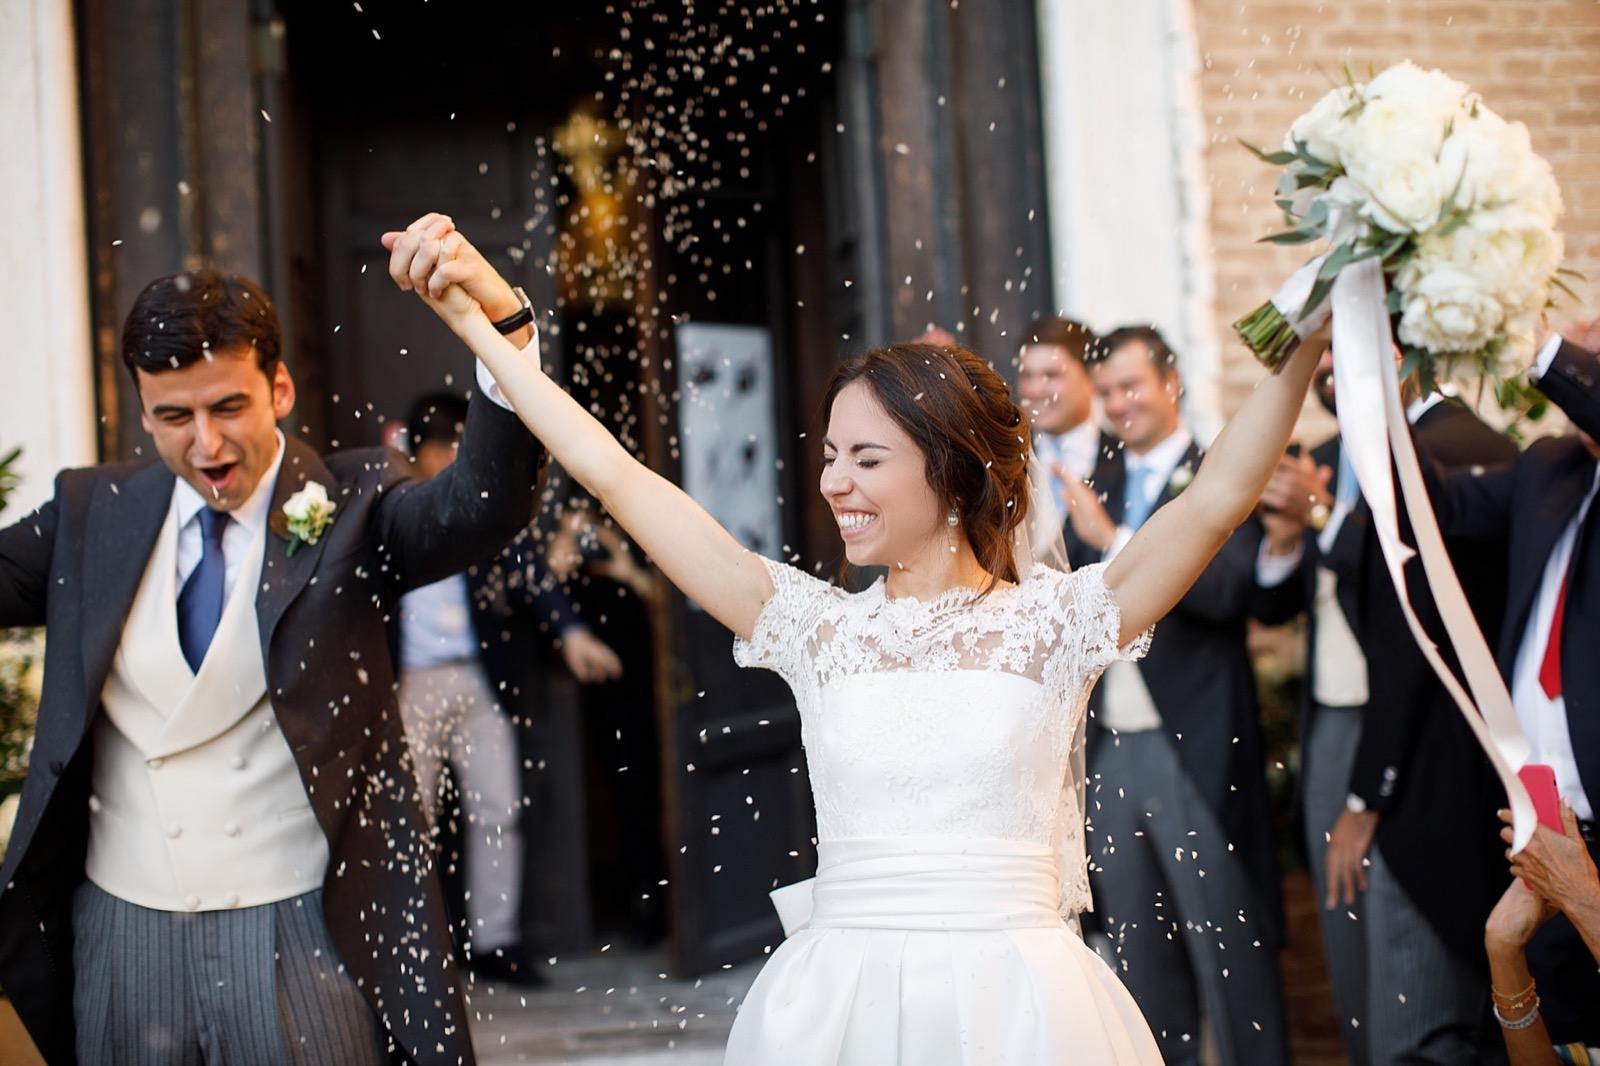 Matrimonio_Venezia107